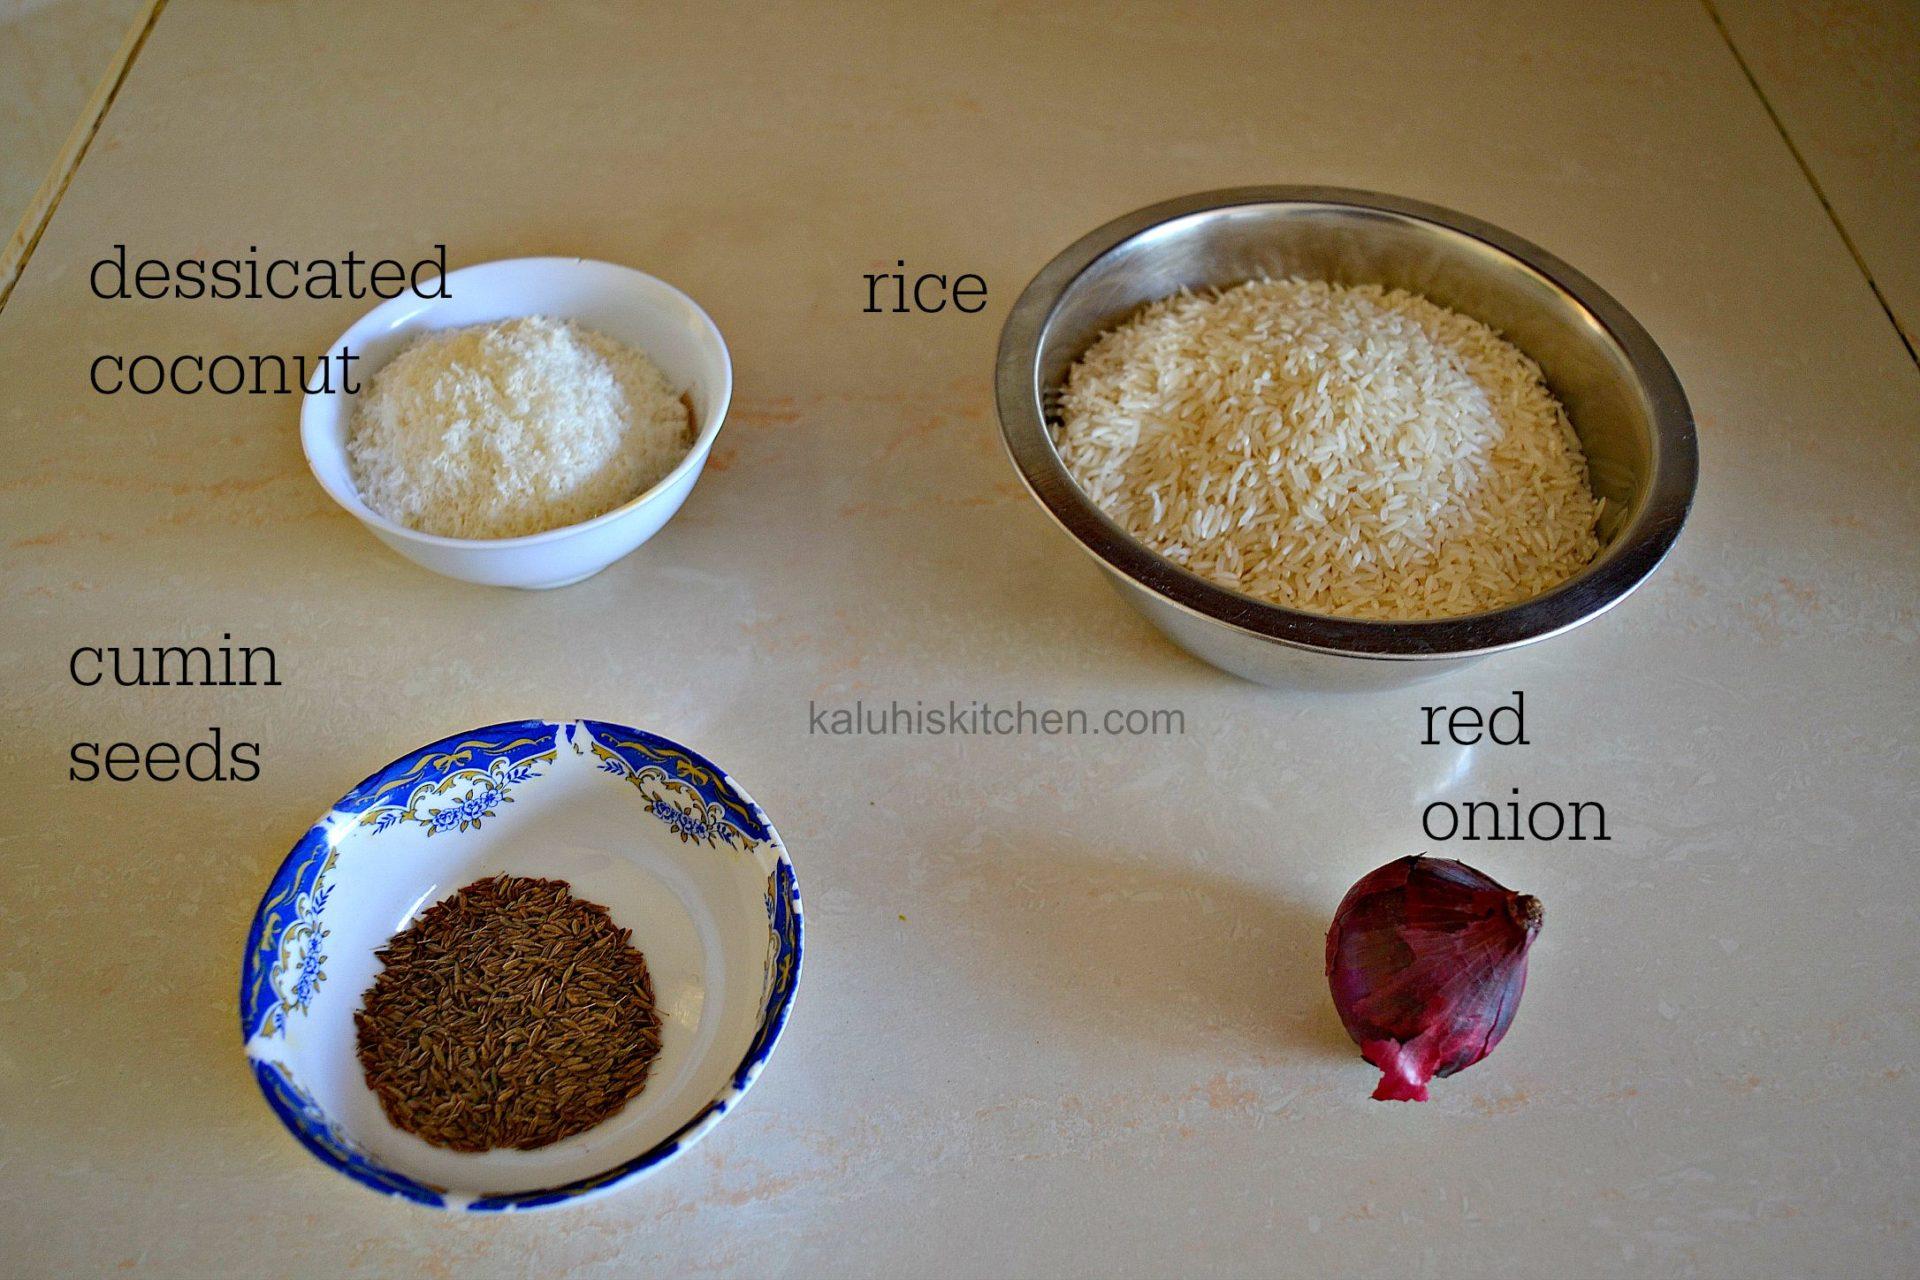 how to make wali wa nazi_wali wa nazi ingredients_kenyan food_kaluhiskitchen.com